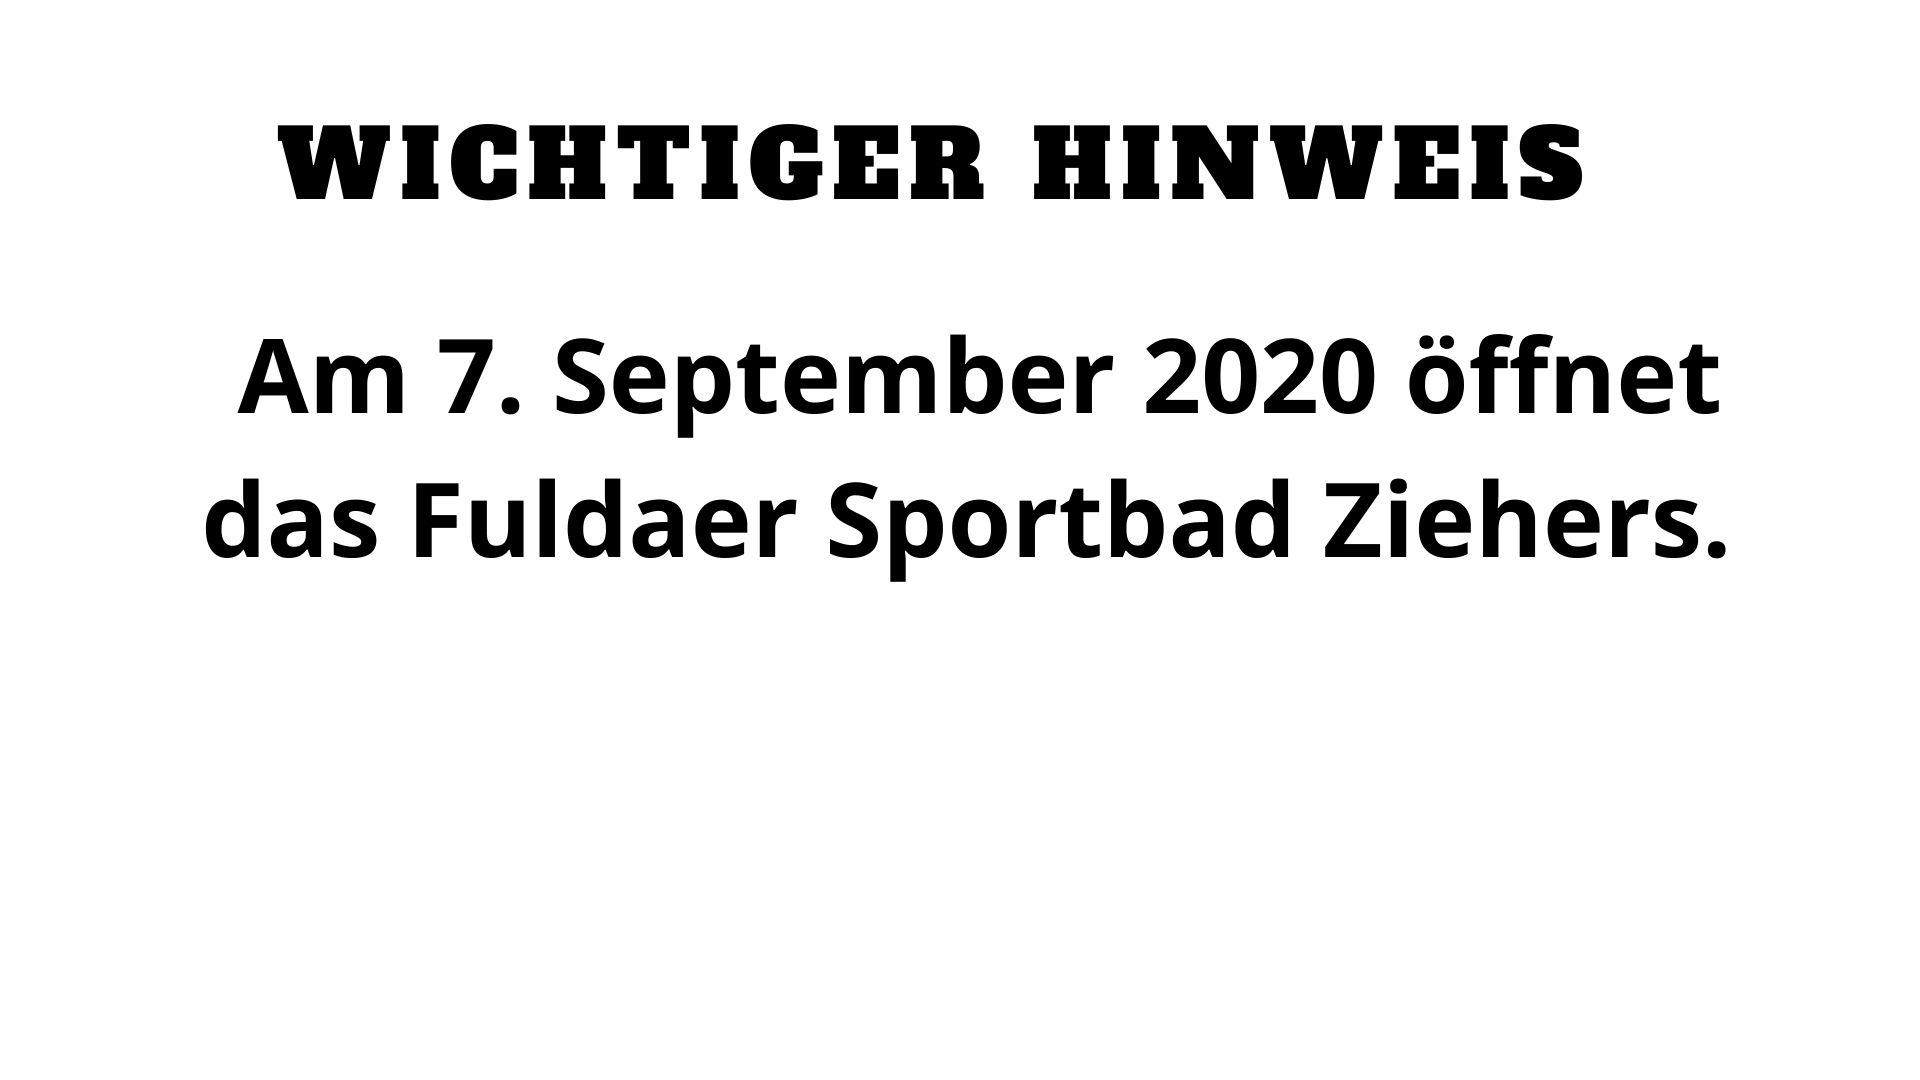 Hallenbäder in Fulda öffnen wieder